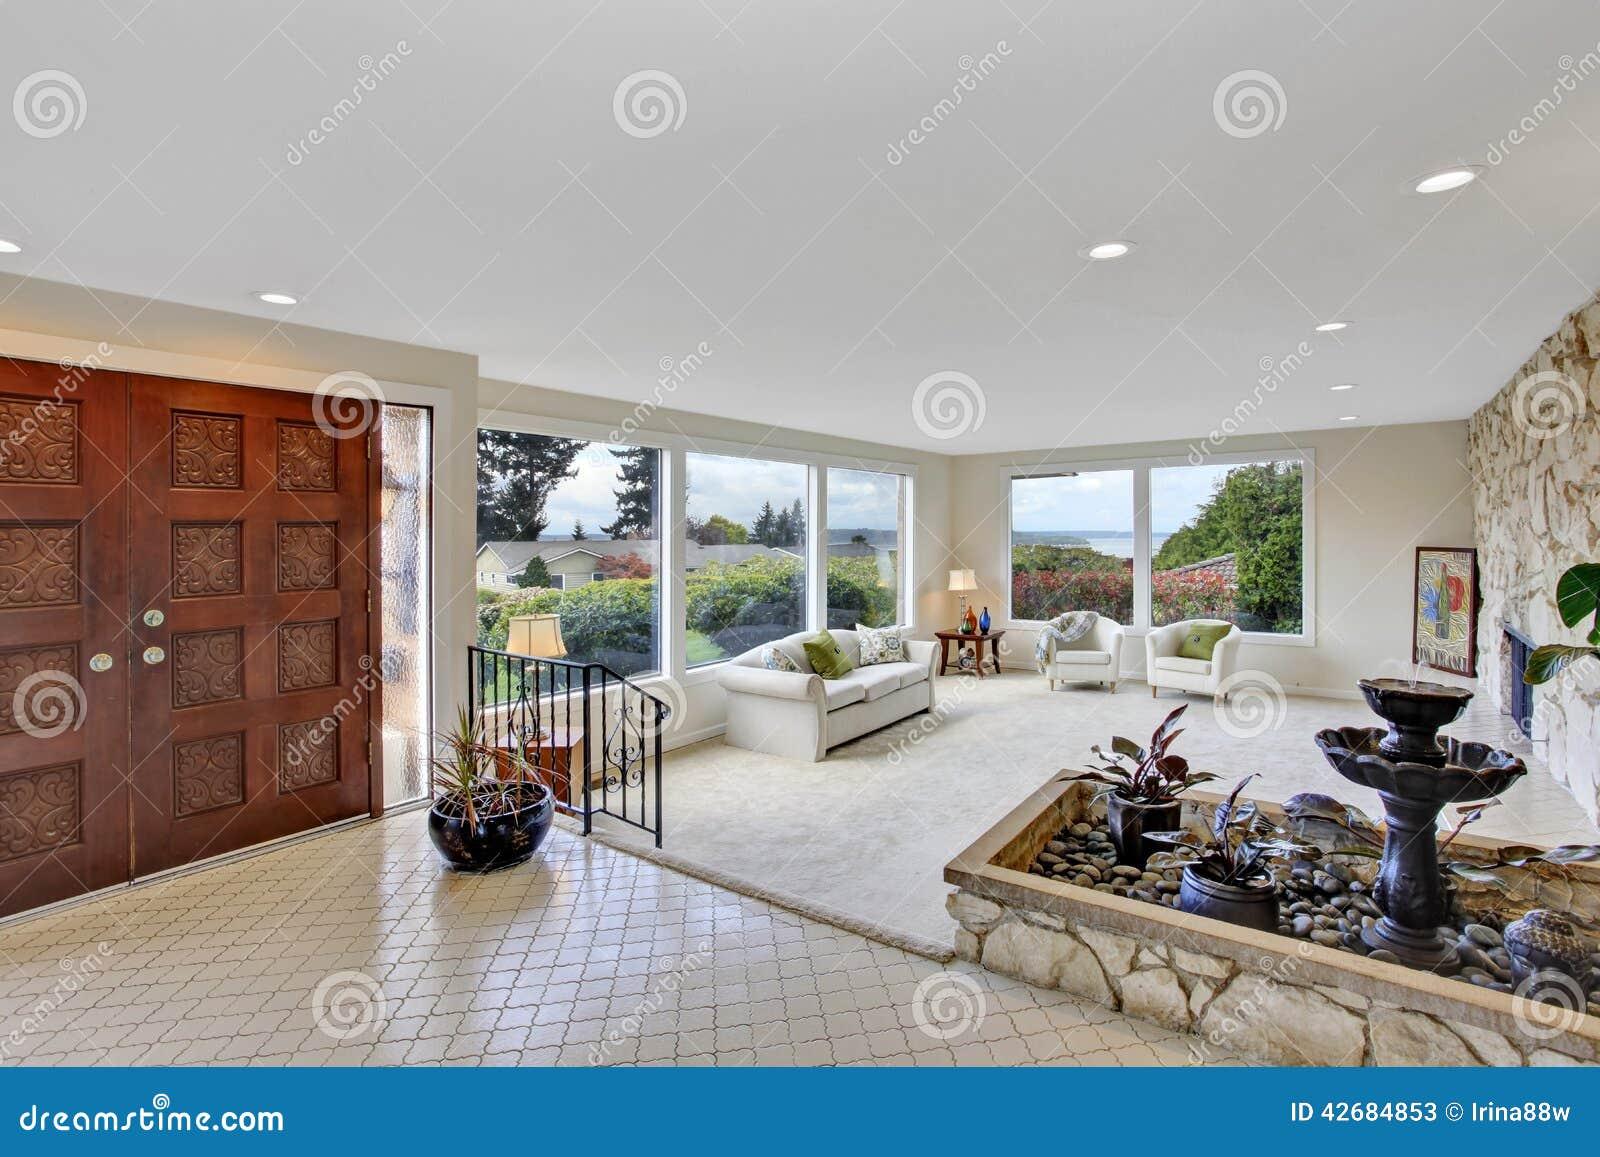 wohnzimmer mit brunnen im luxushaus stockfoto - bild: 42684853, Wohnzimmer dekoo